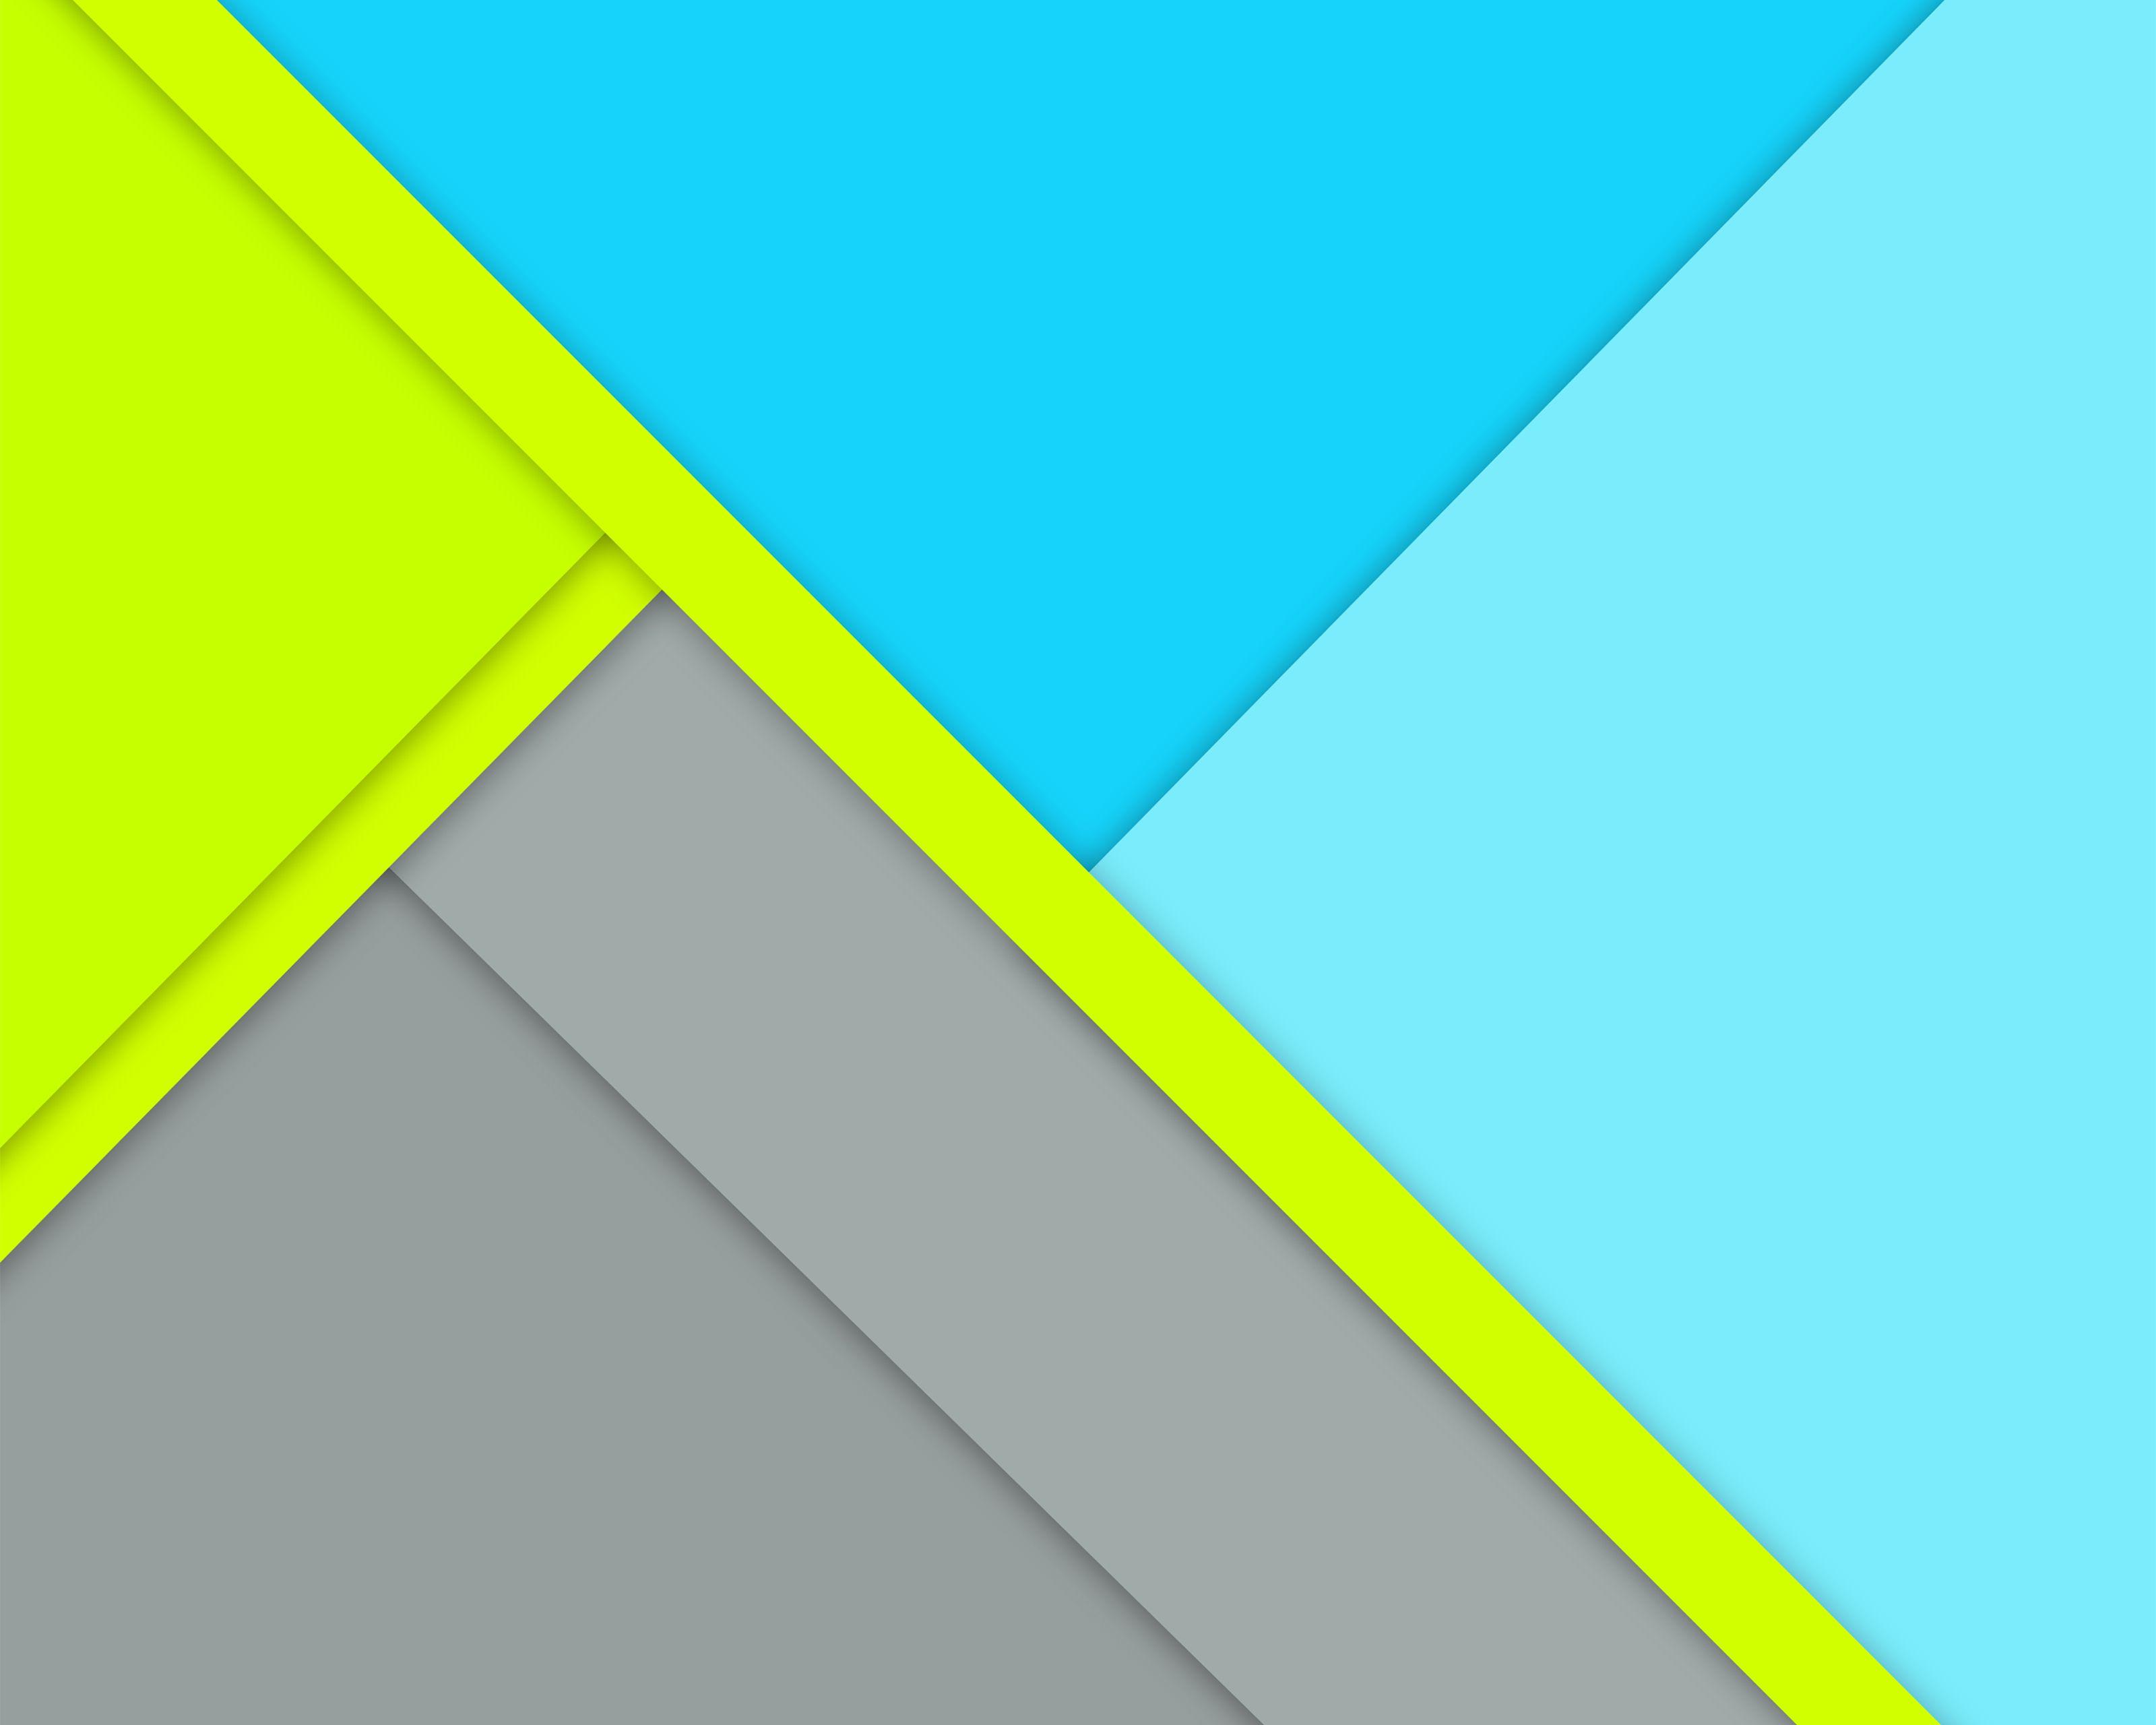 Material Design Wallpaper Android Material Design Stock Wallpaper